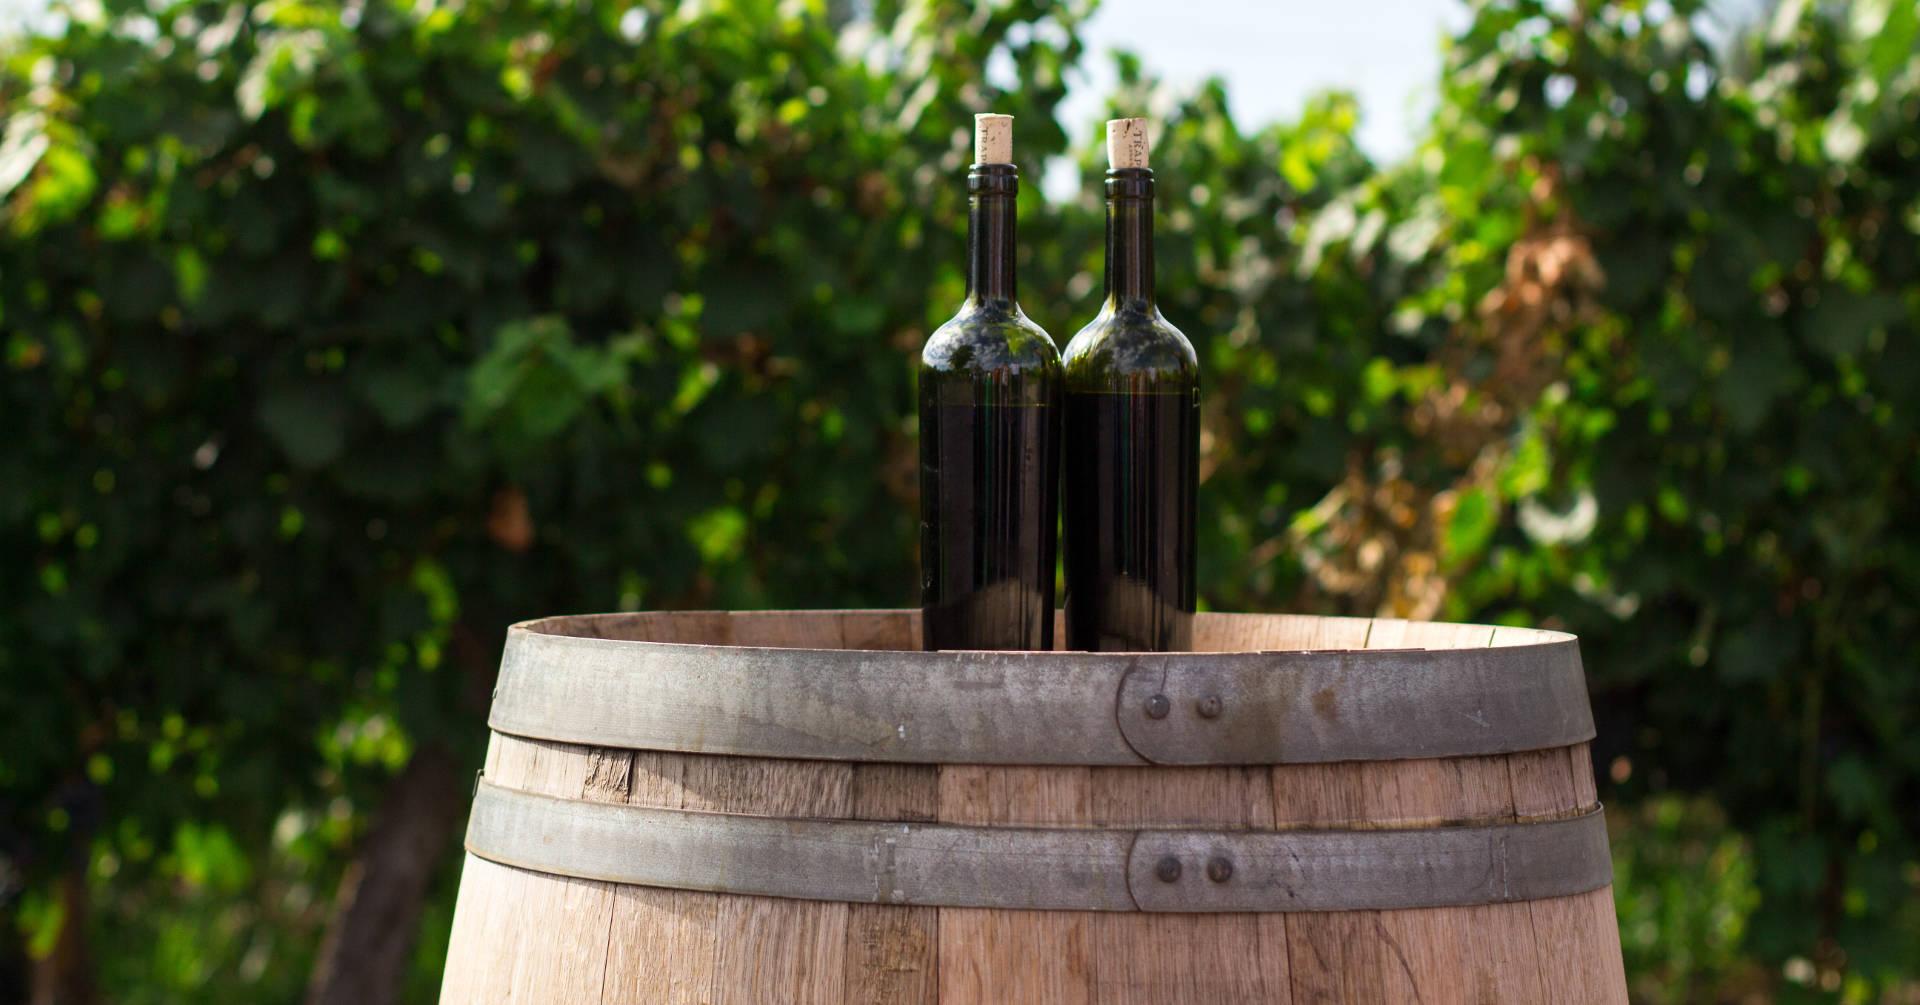 Pić wino czy degustować?